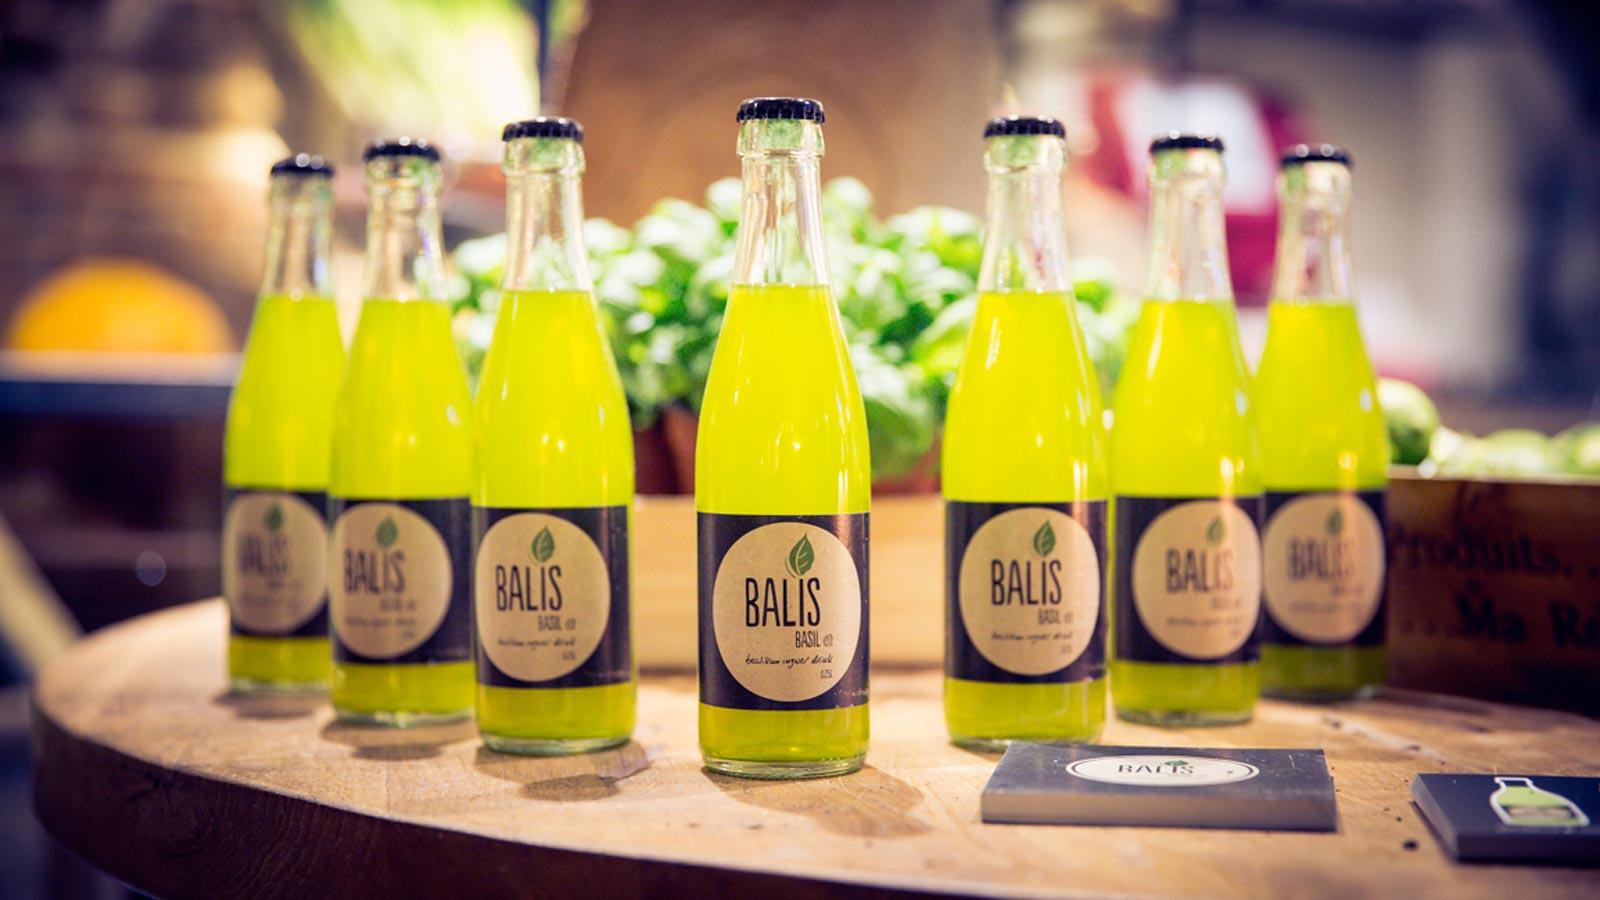 Balis Getränk